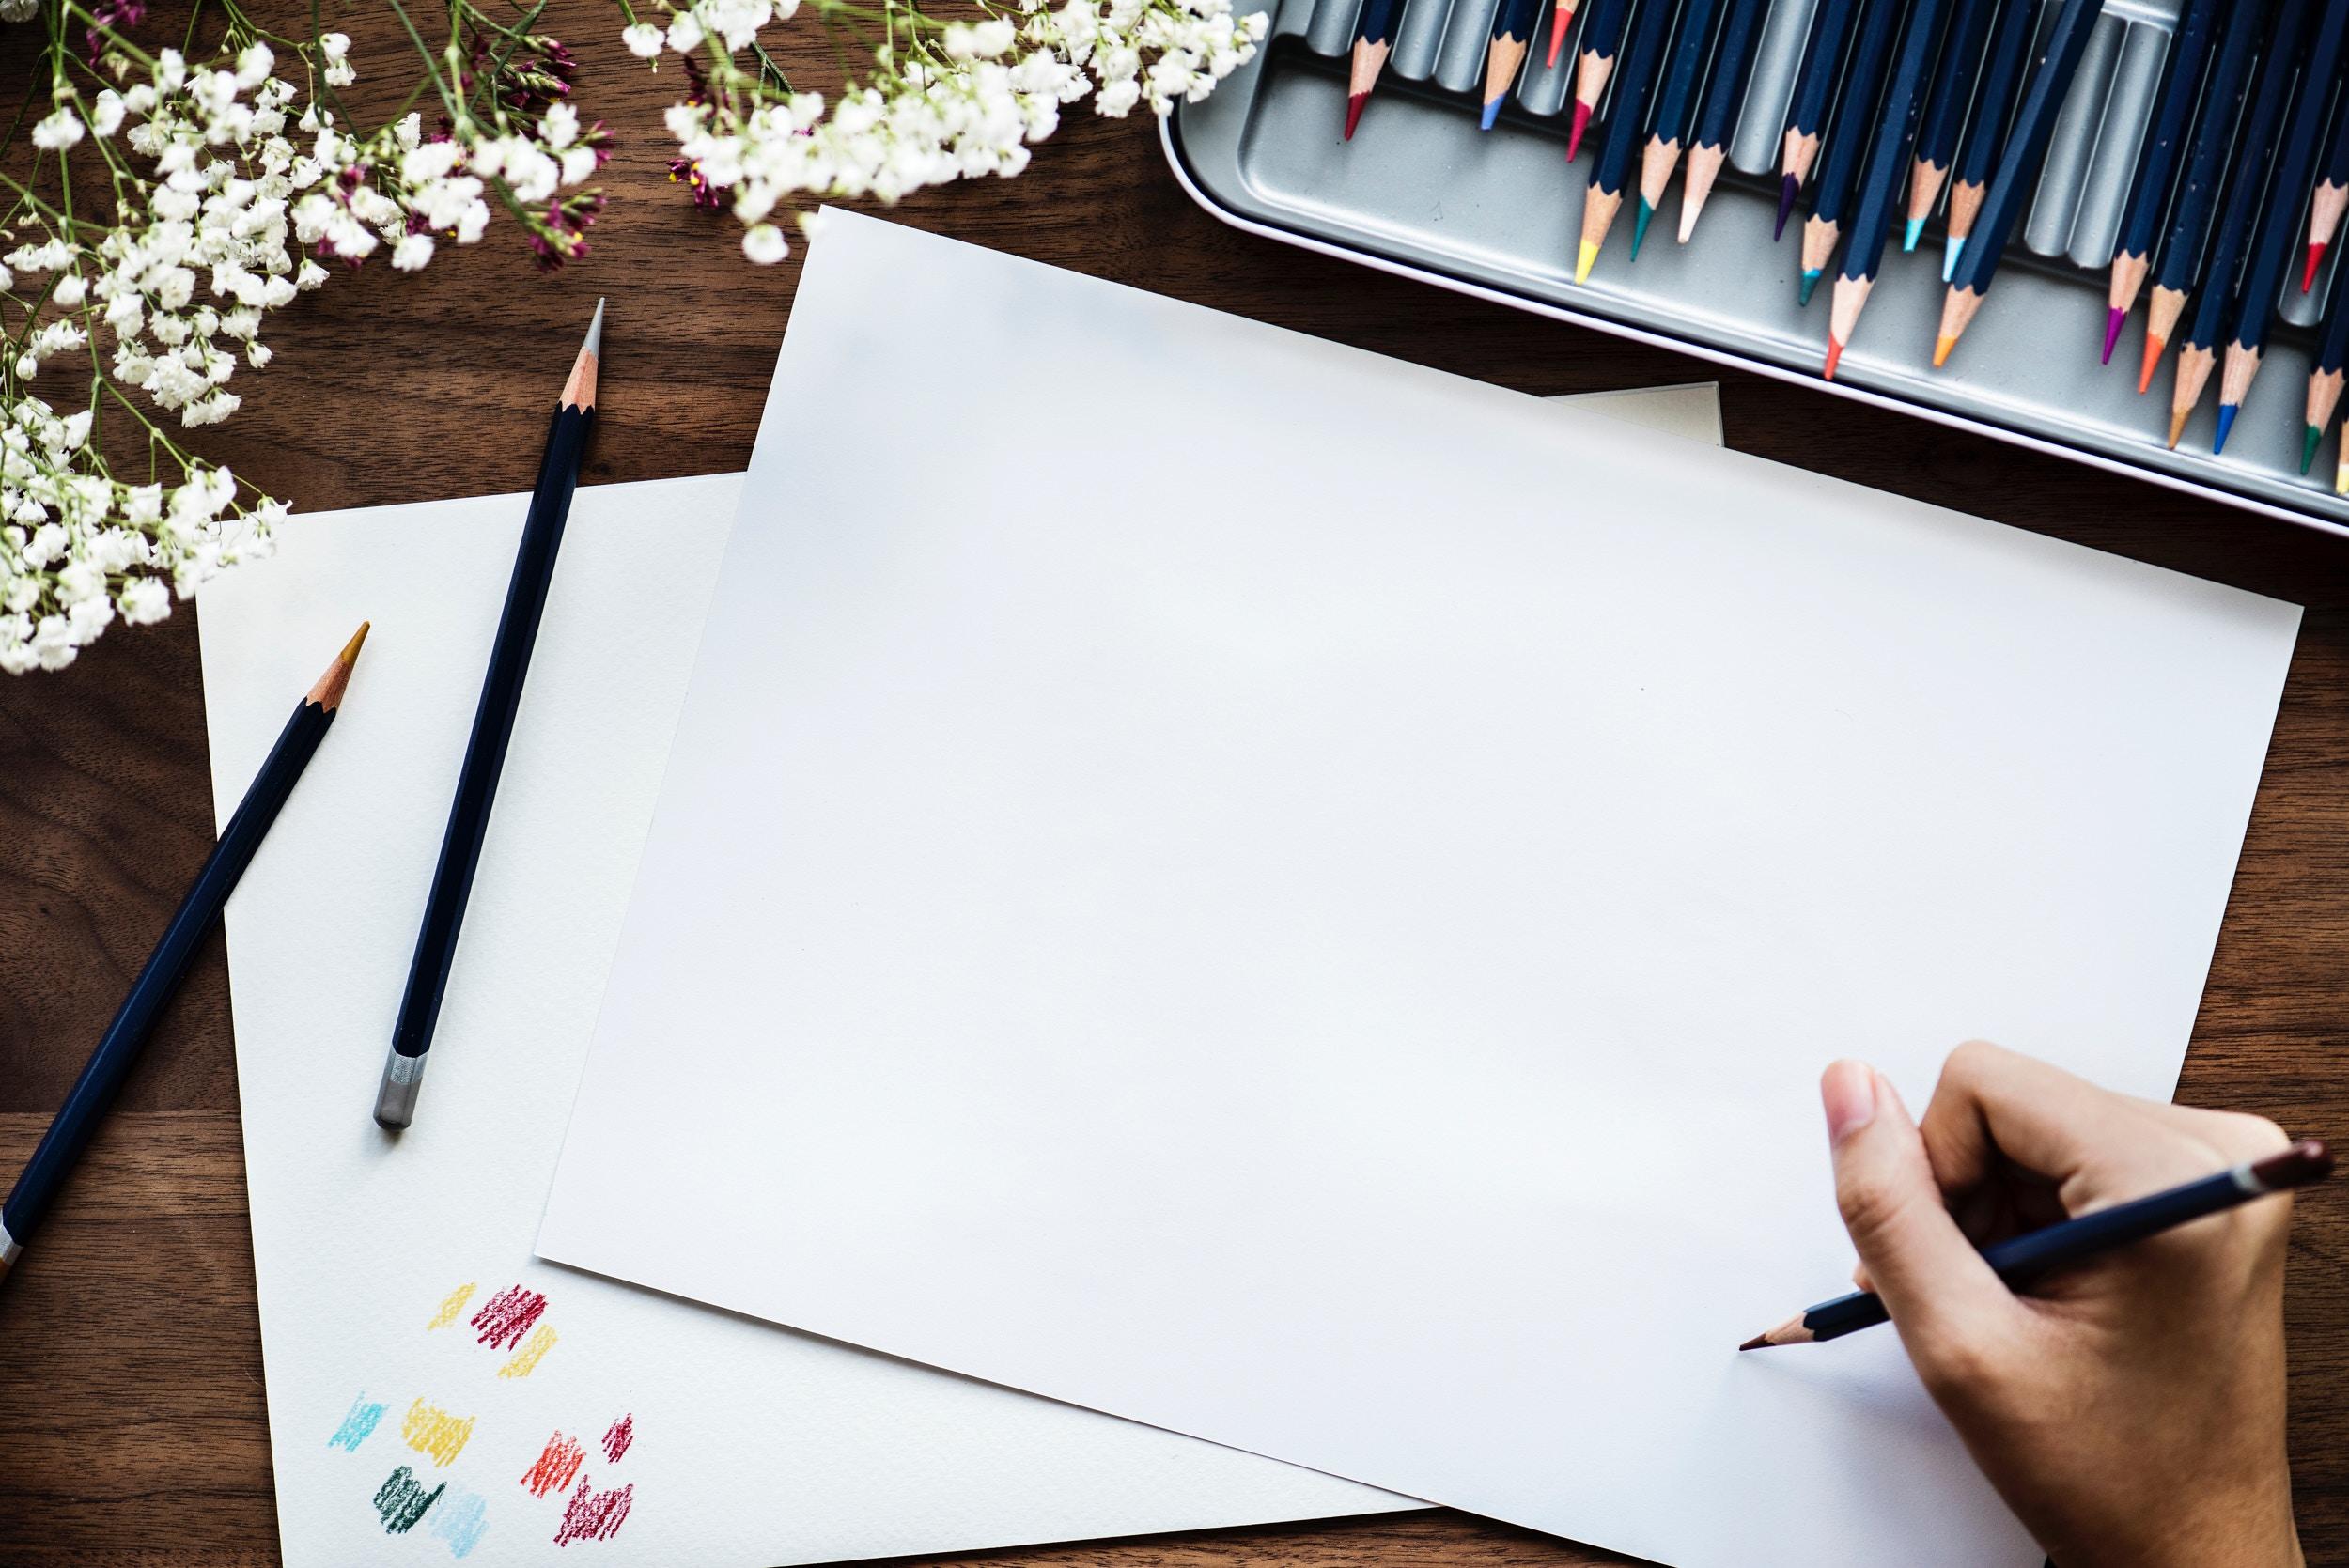 become an artist